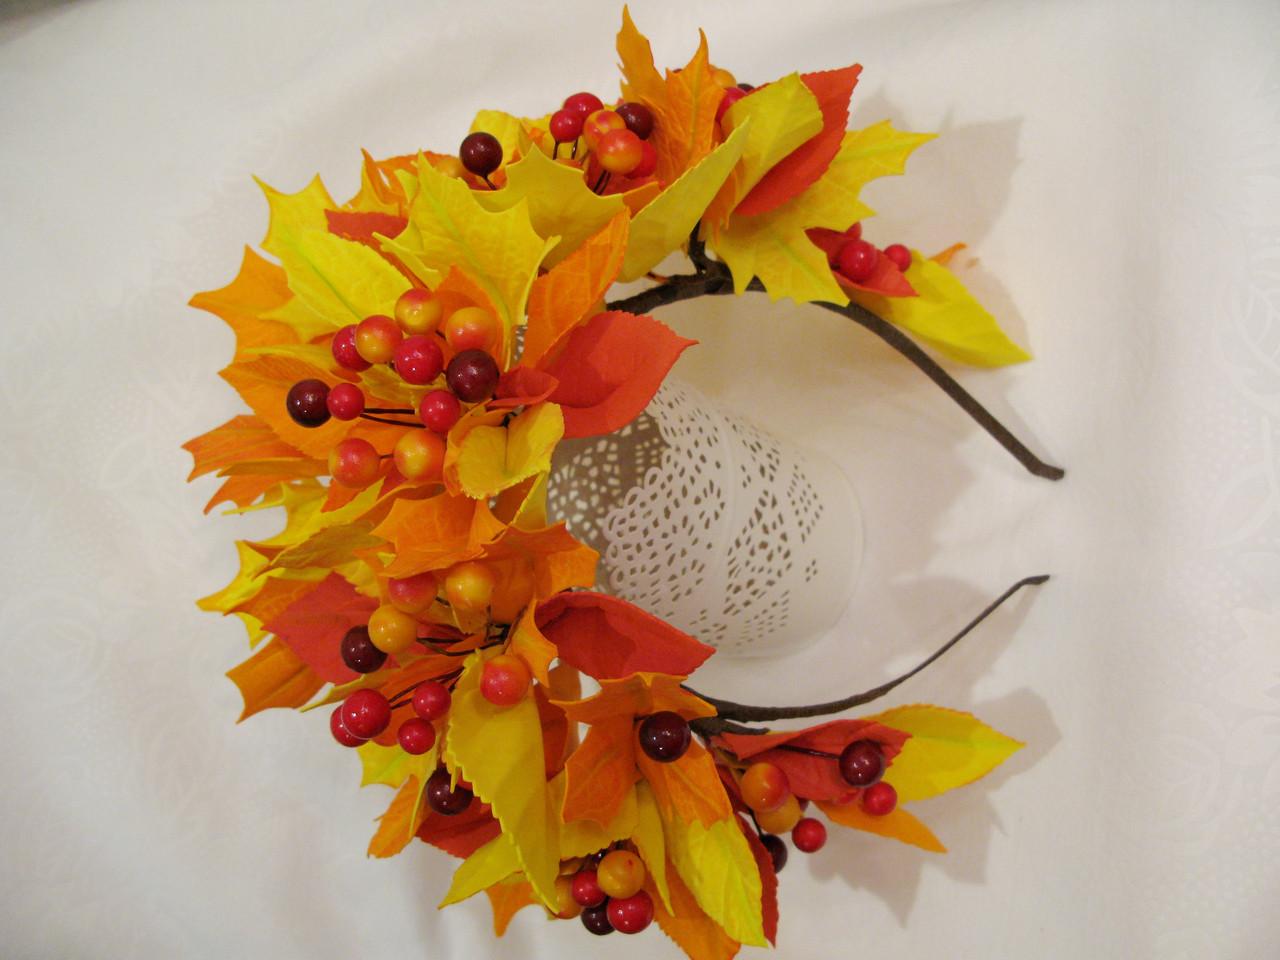 Осенний обруч с листьями и ягодами в желто красном цвете 600 грн